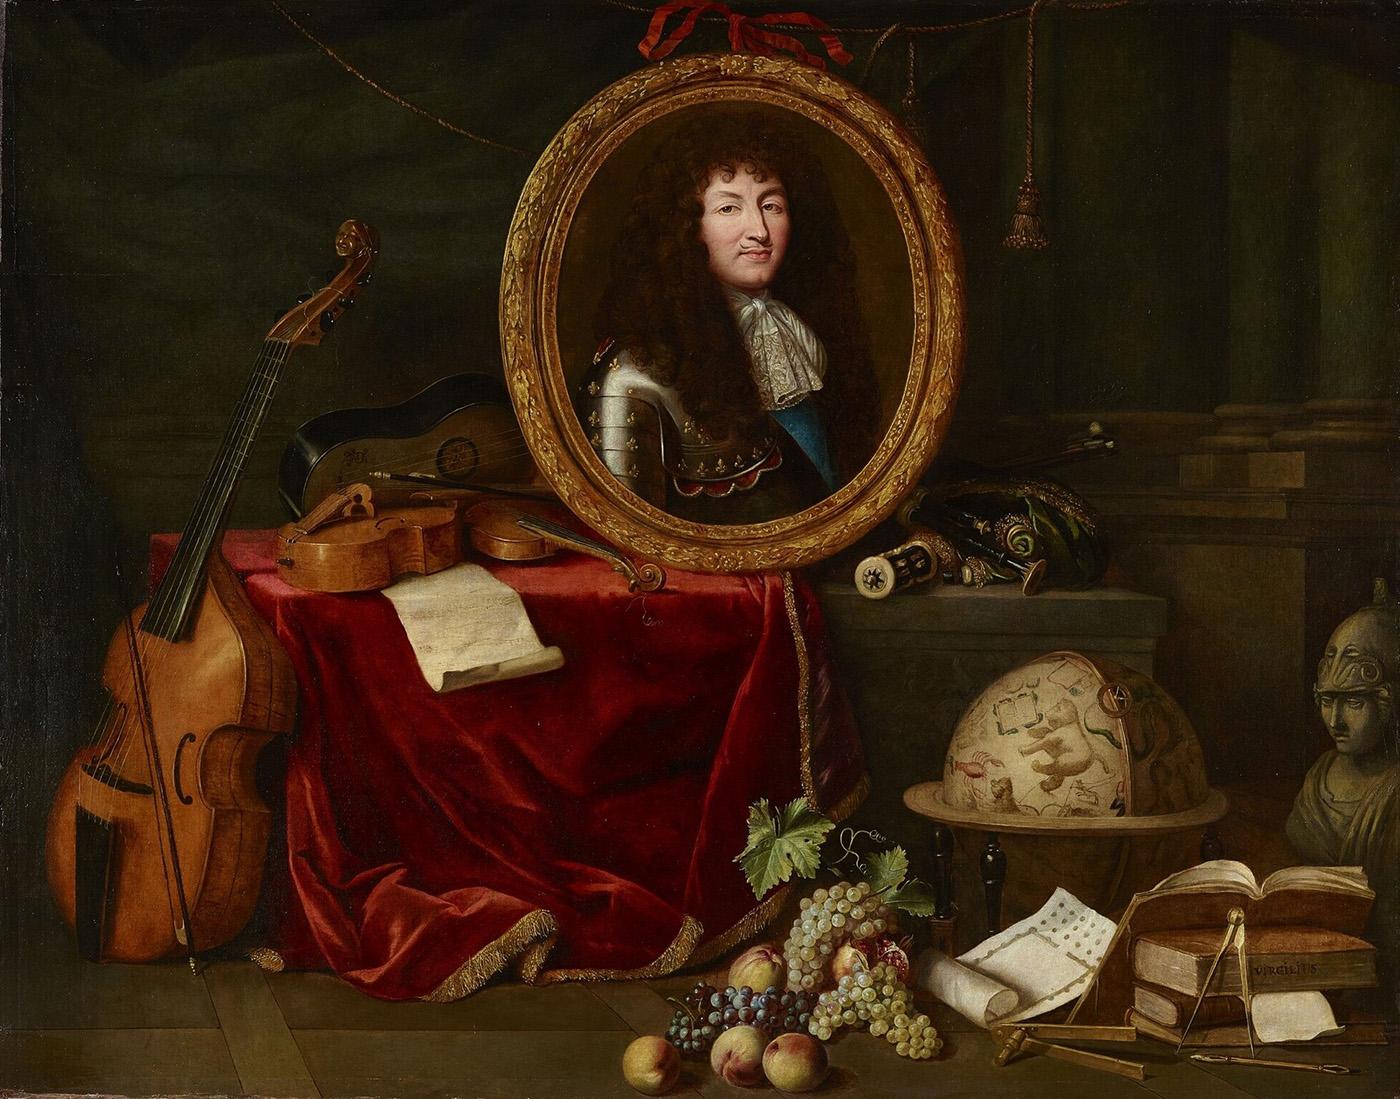 Jean Garnier. Luis XIV, protector de las Artes y las CIencias. Alegoría de 1672. Palacio de Versalles. Versalles.